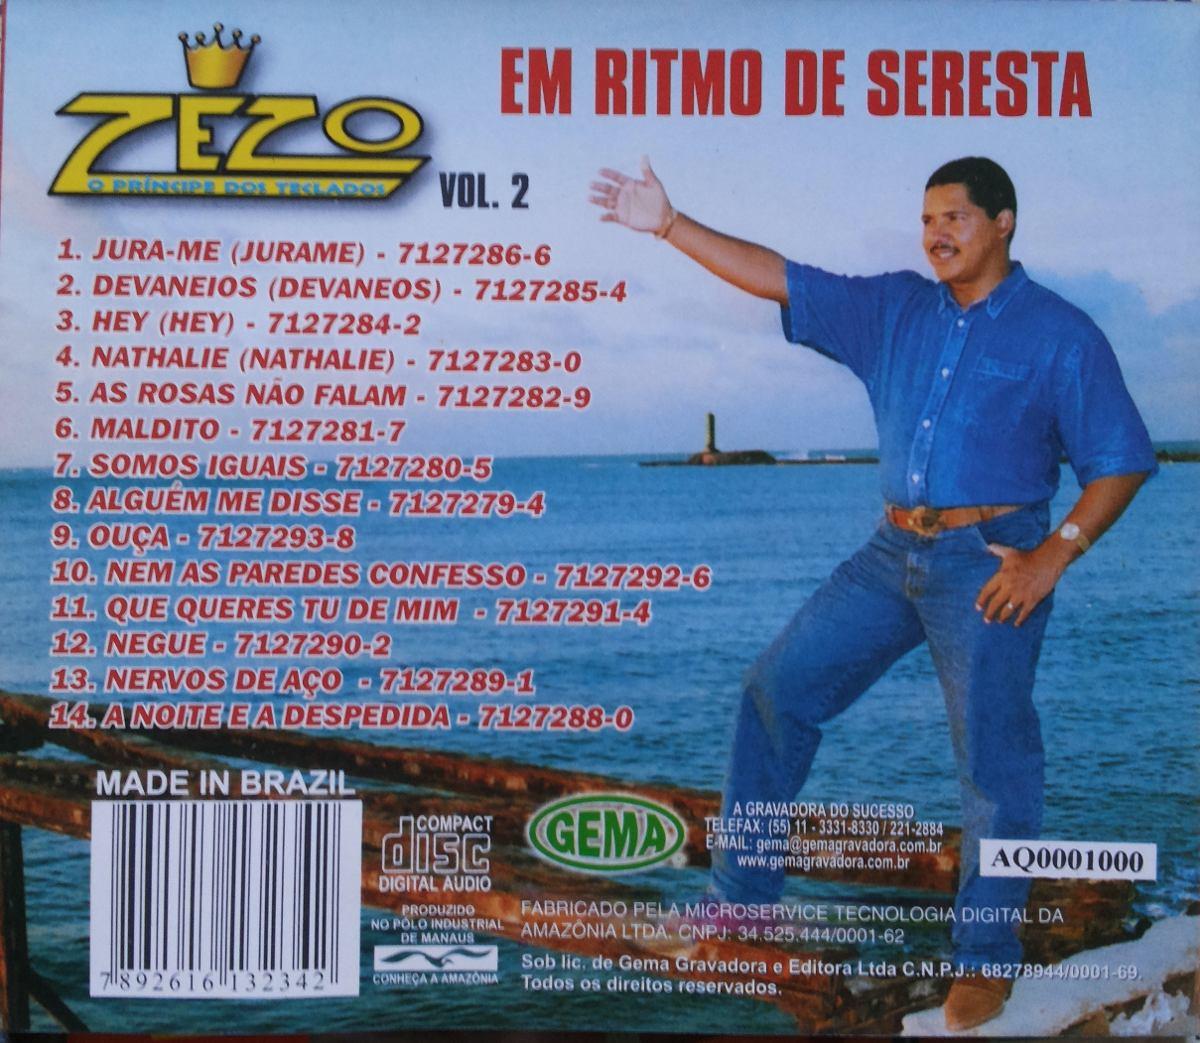 cd zezo ritmo seresta